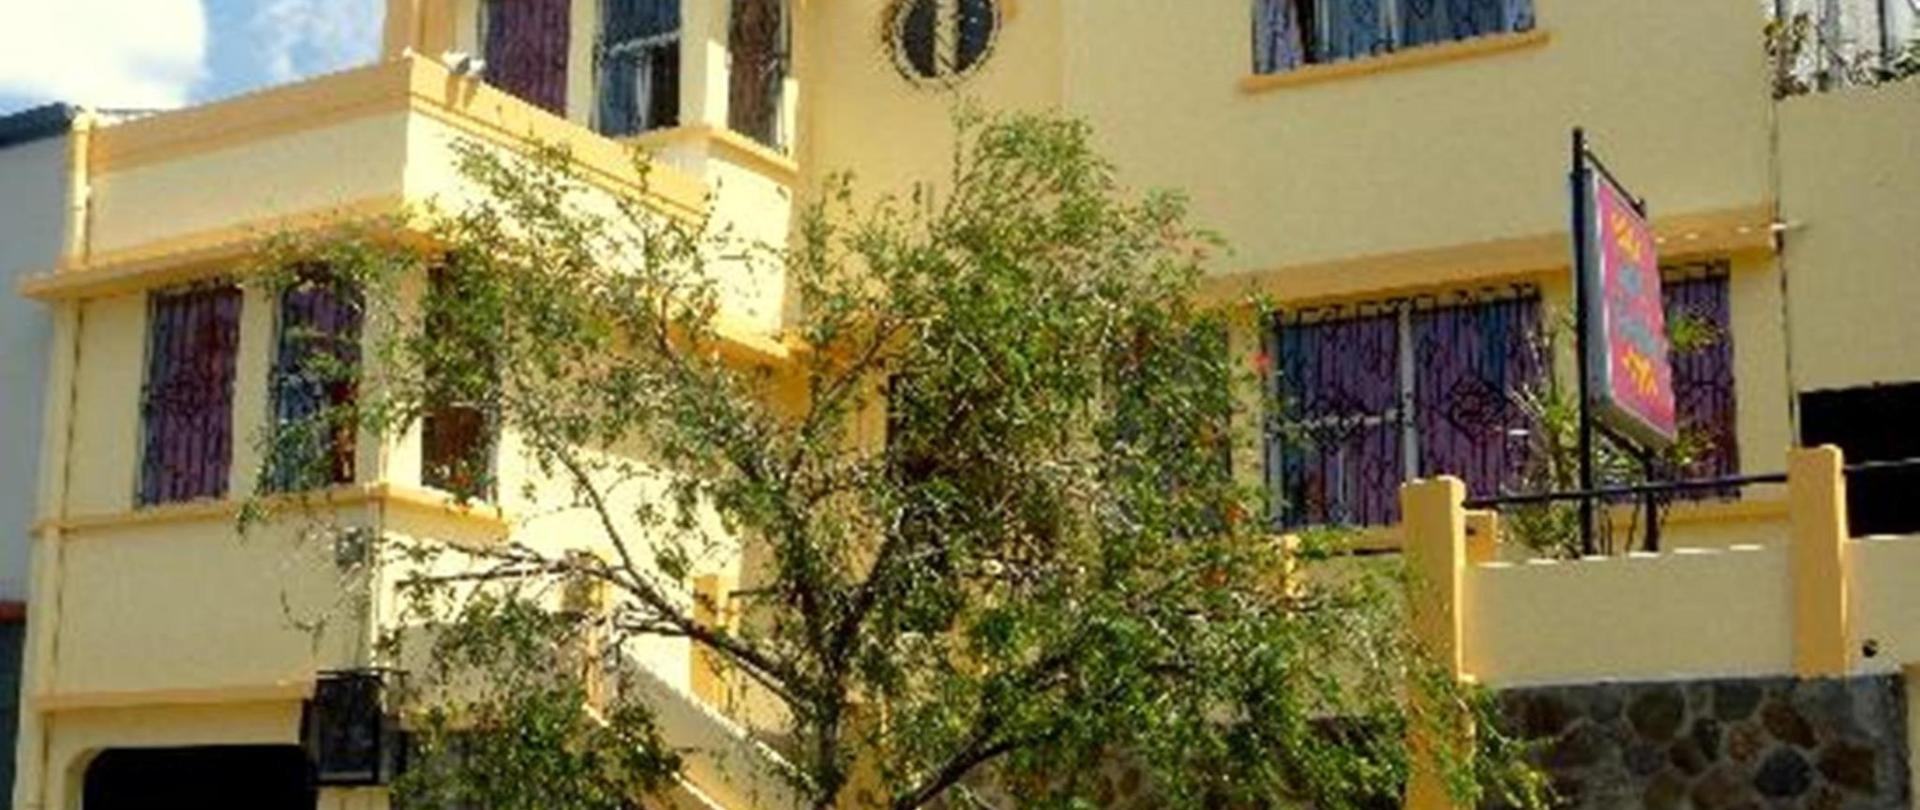 Hôtel Kekoldi